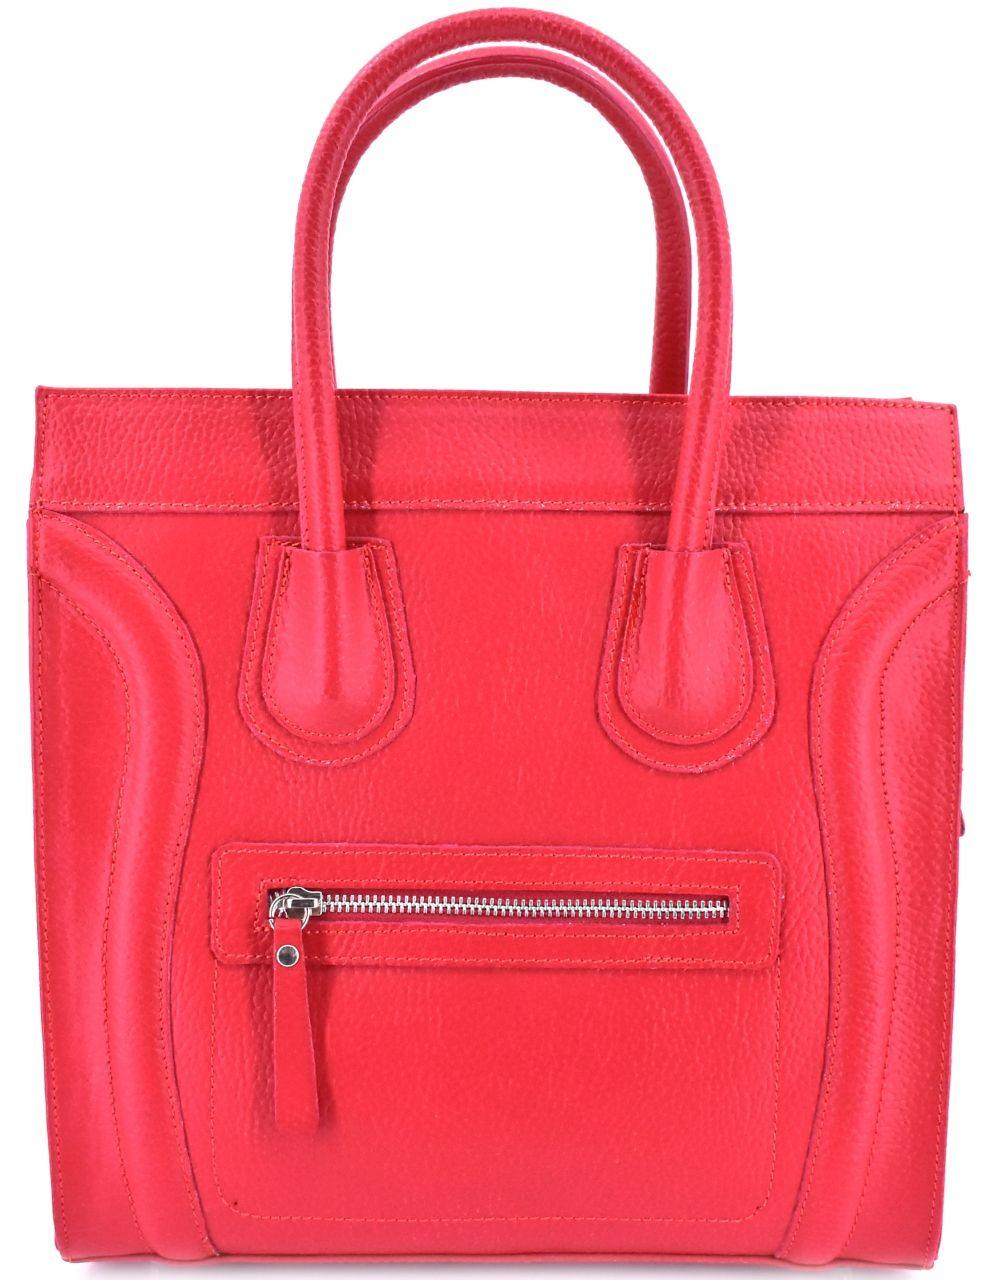 Luxusní dámská kožená kabelka Shopper - červená 23668